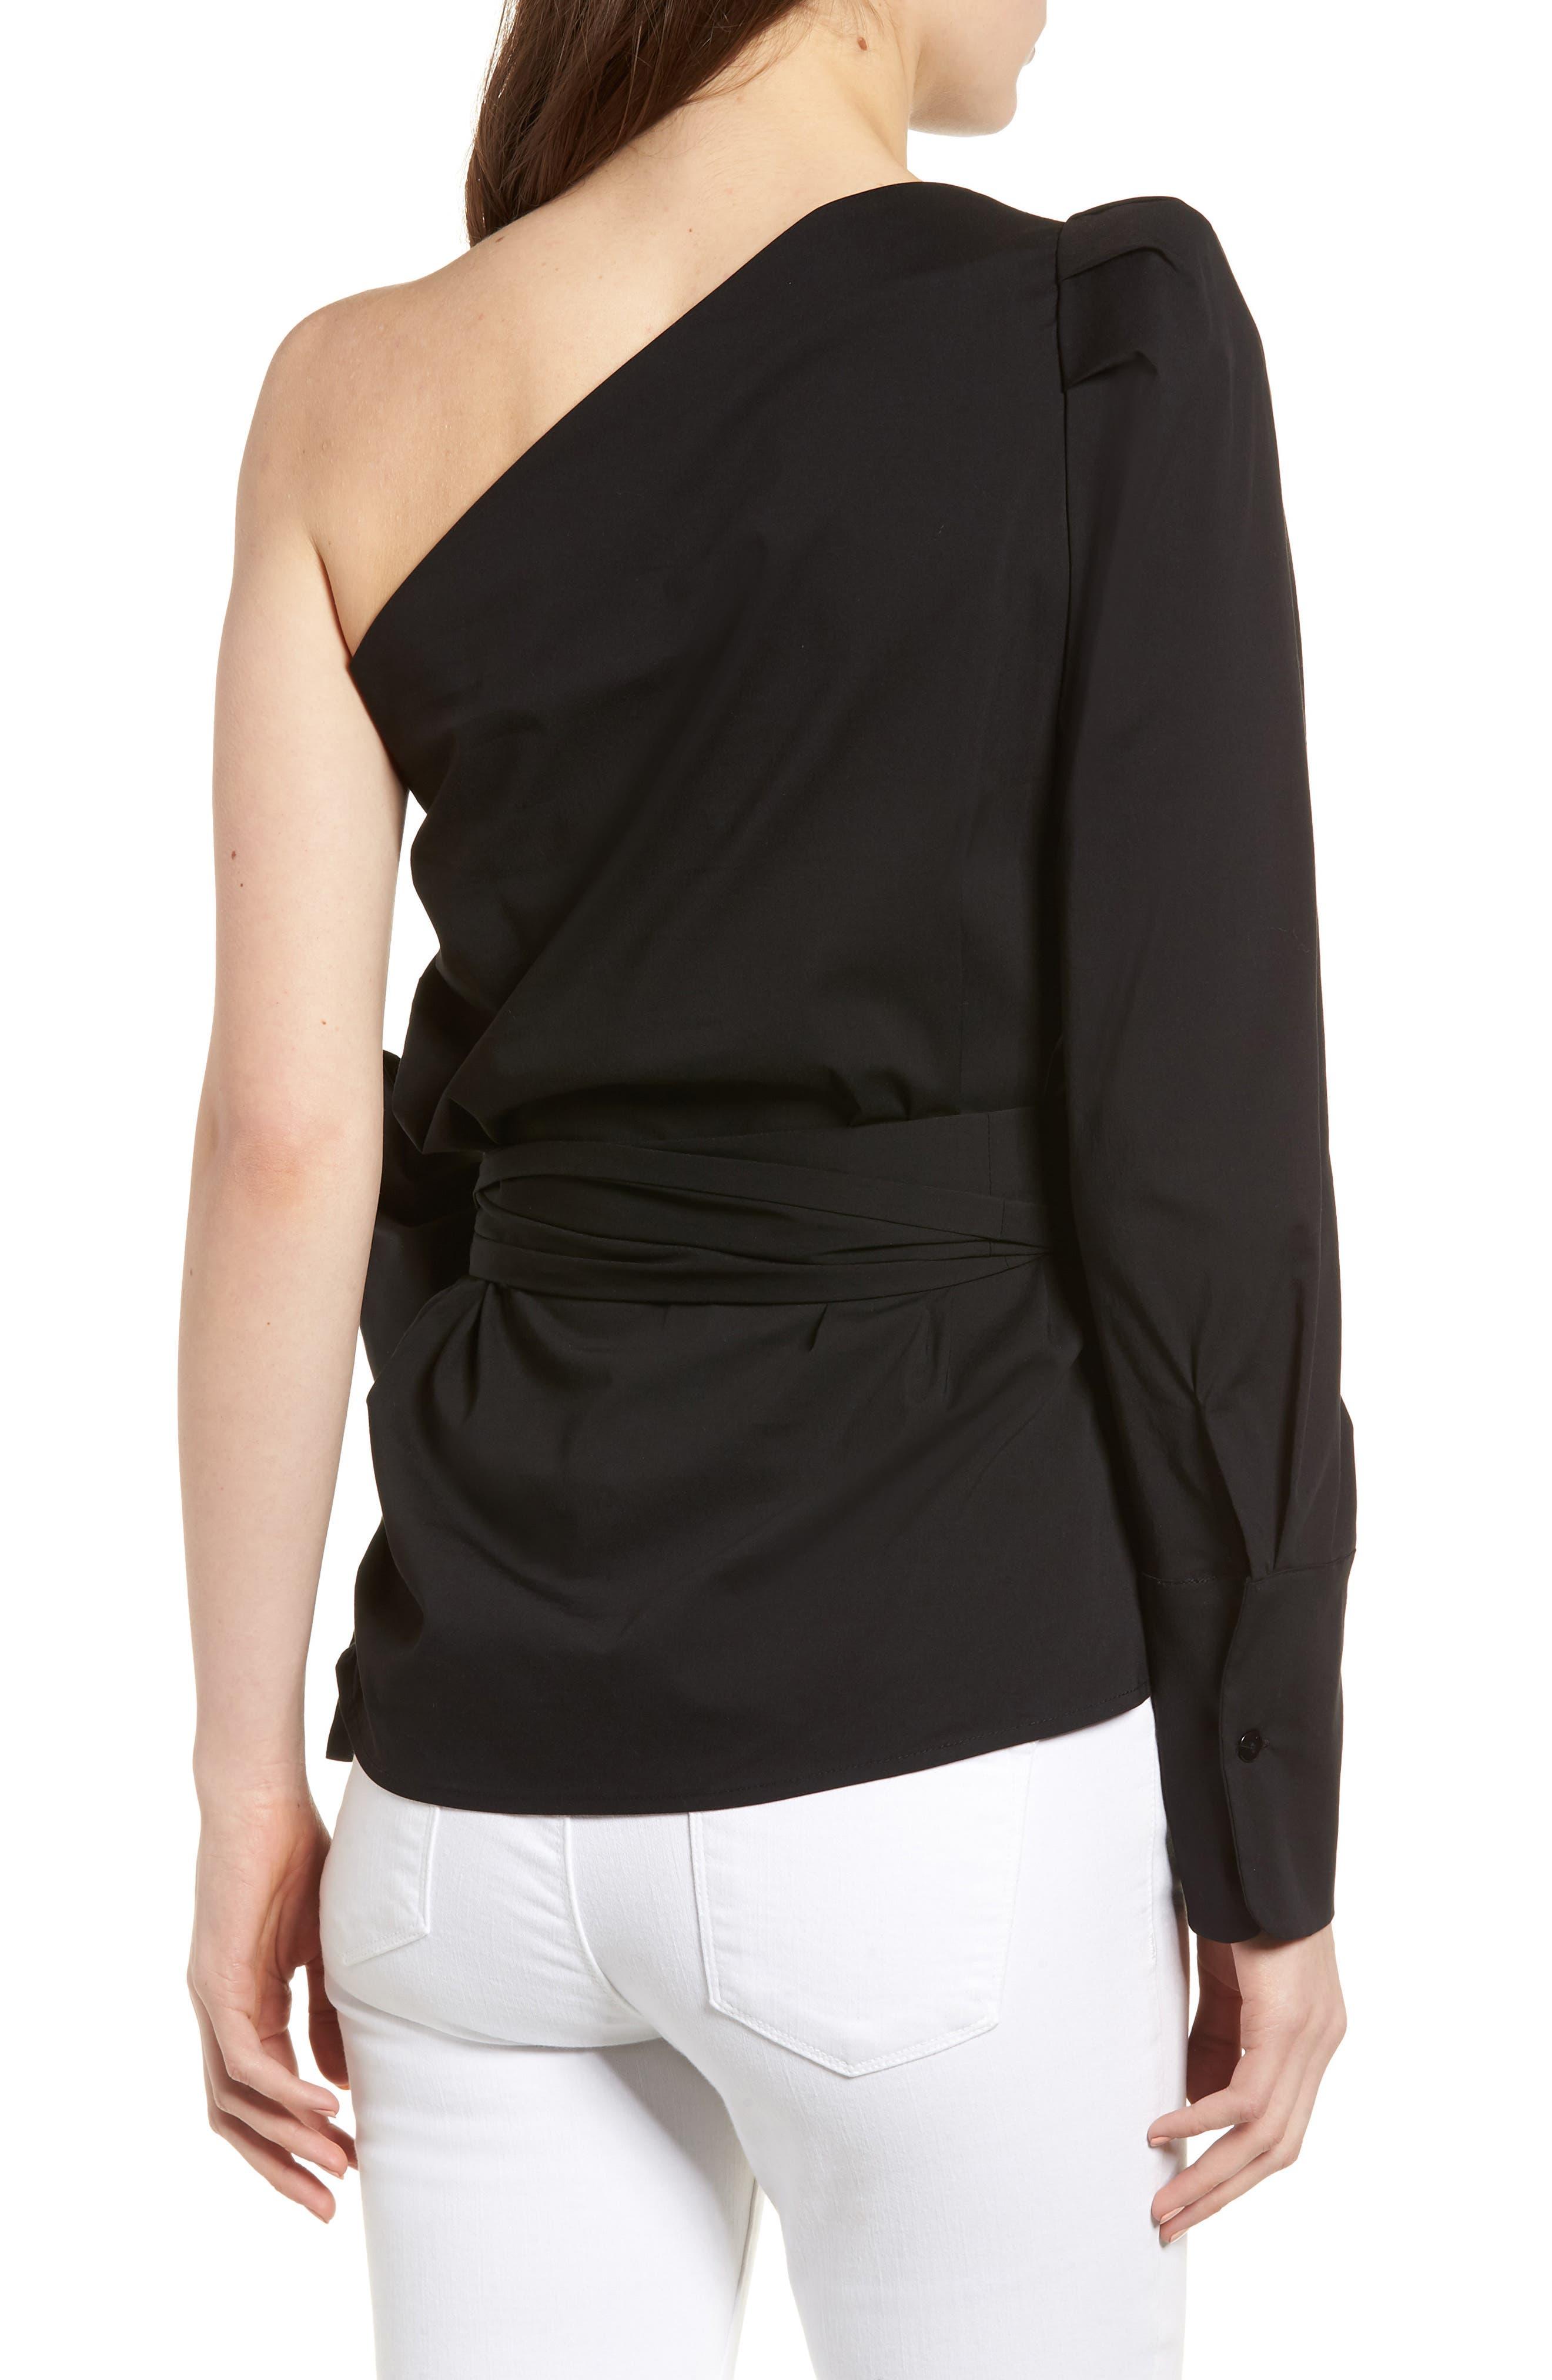 Bishop + Young Belted One-Shoulder Blouse,                             Alternate thumbnail 2, color,                             Black